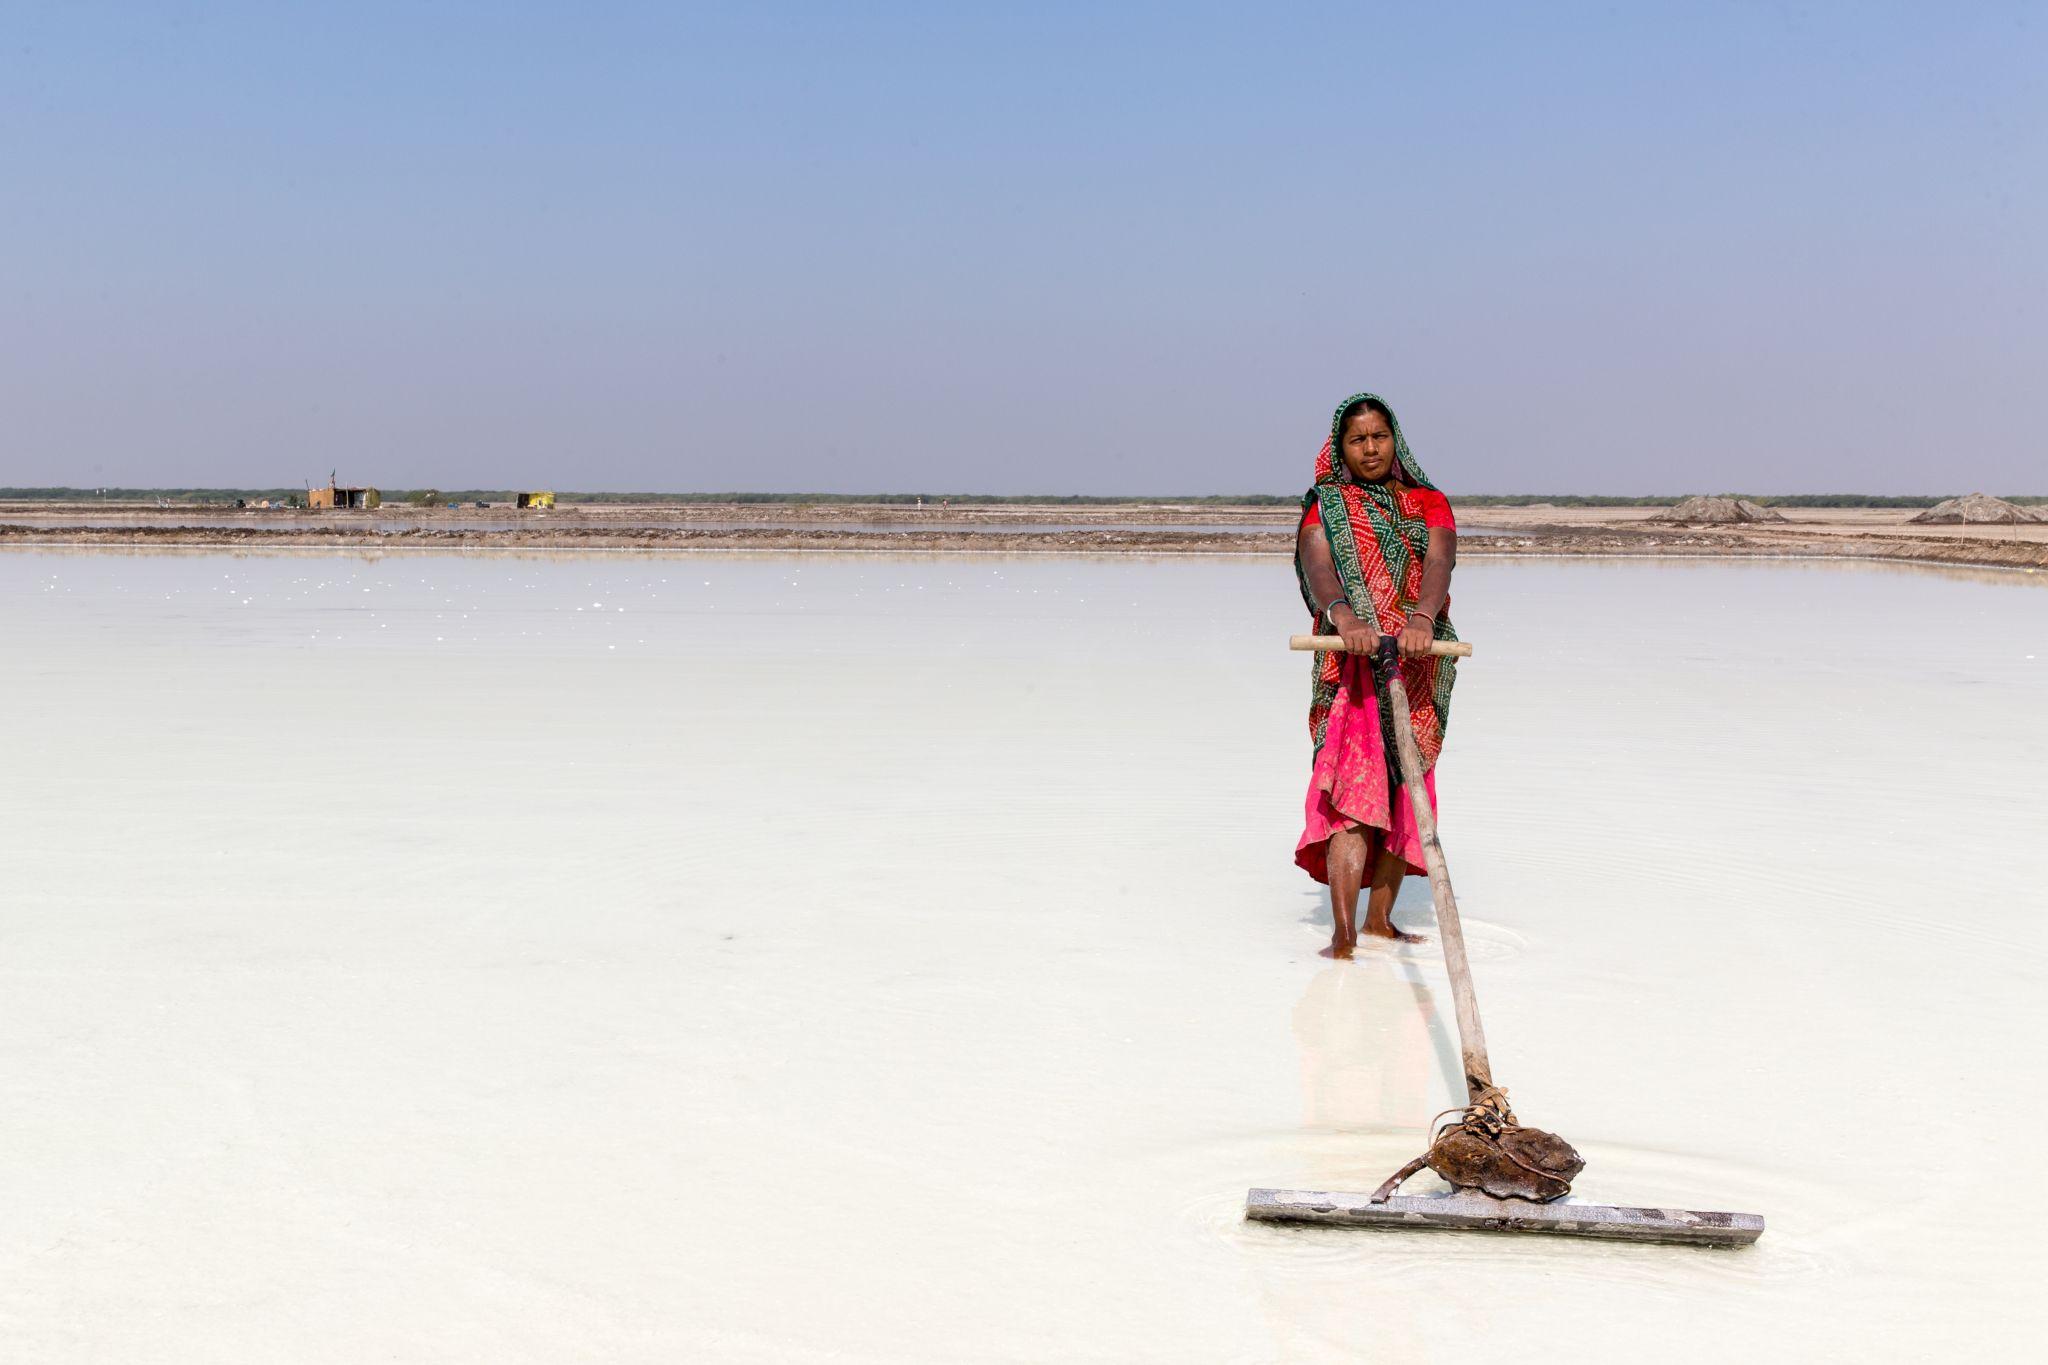 Salt Flats, India